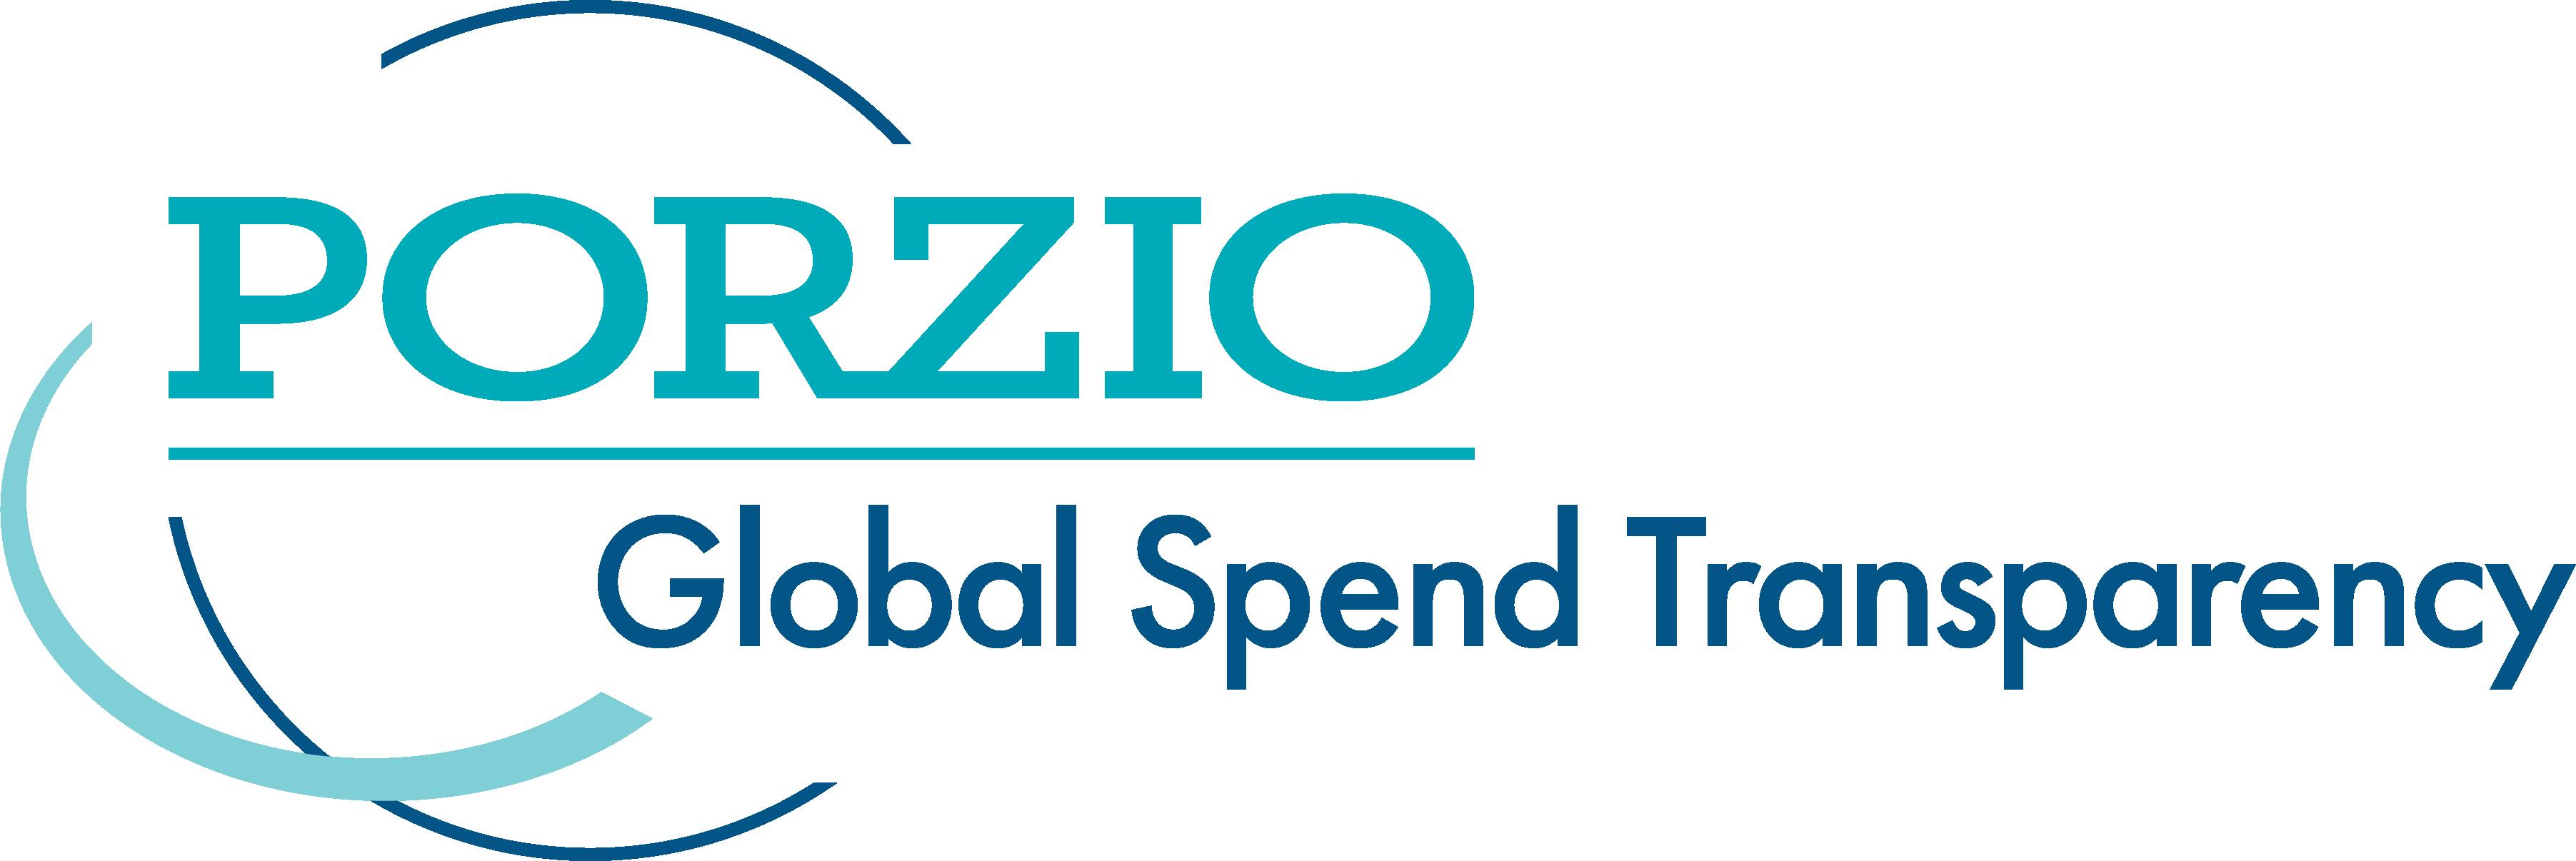 Porzio_Global Spend Transparency_Logo_PNG